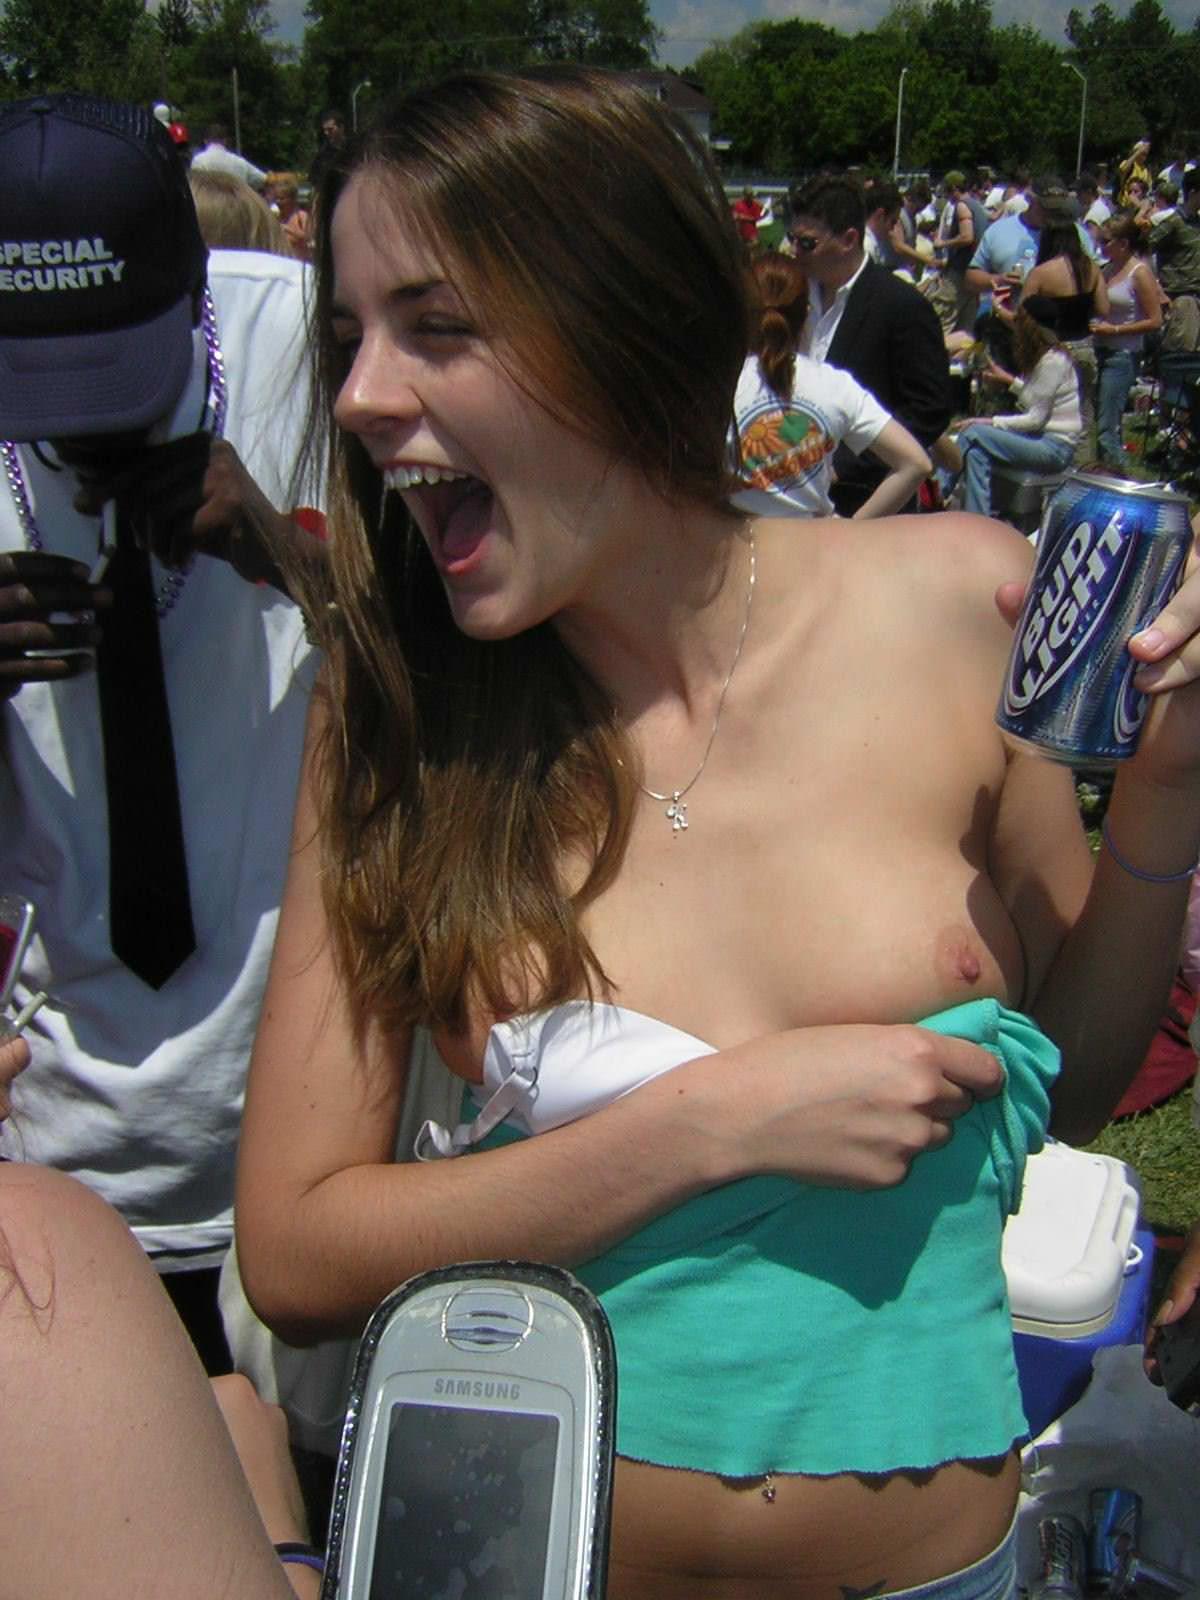 【外人】乳首がポロリしちゃっても全然気にしてない街撮りおっぱいポルノ画像 2858